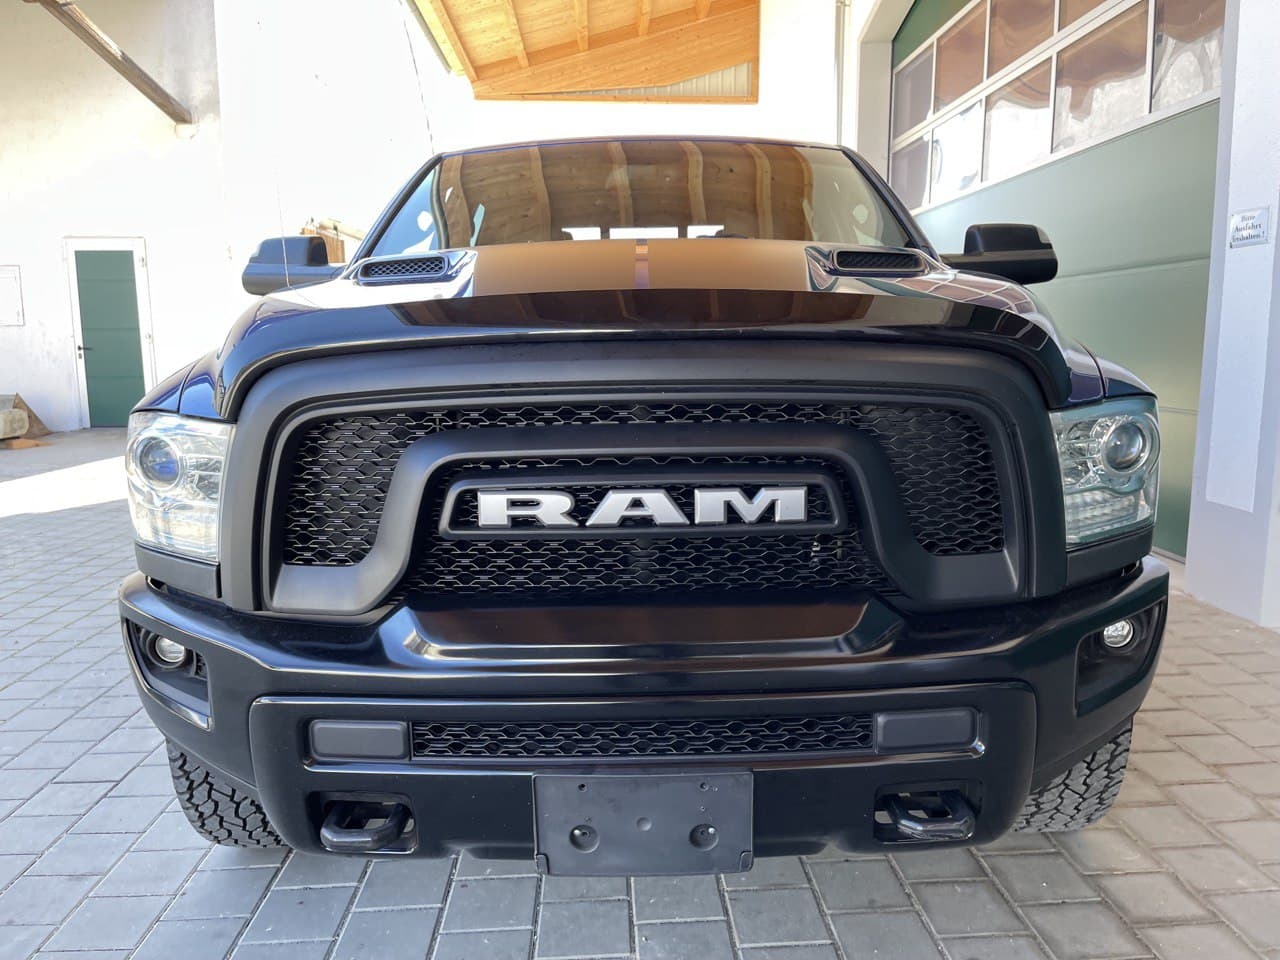 Dodge Ram 1500 Rebel zu verkaufen Deutschland